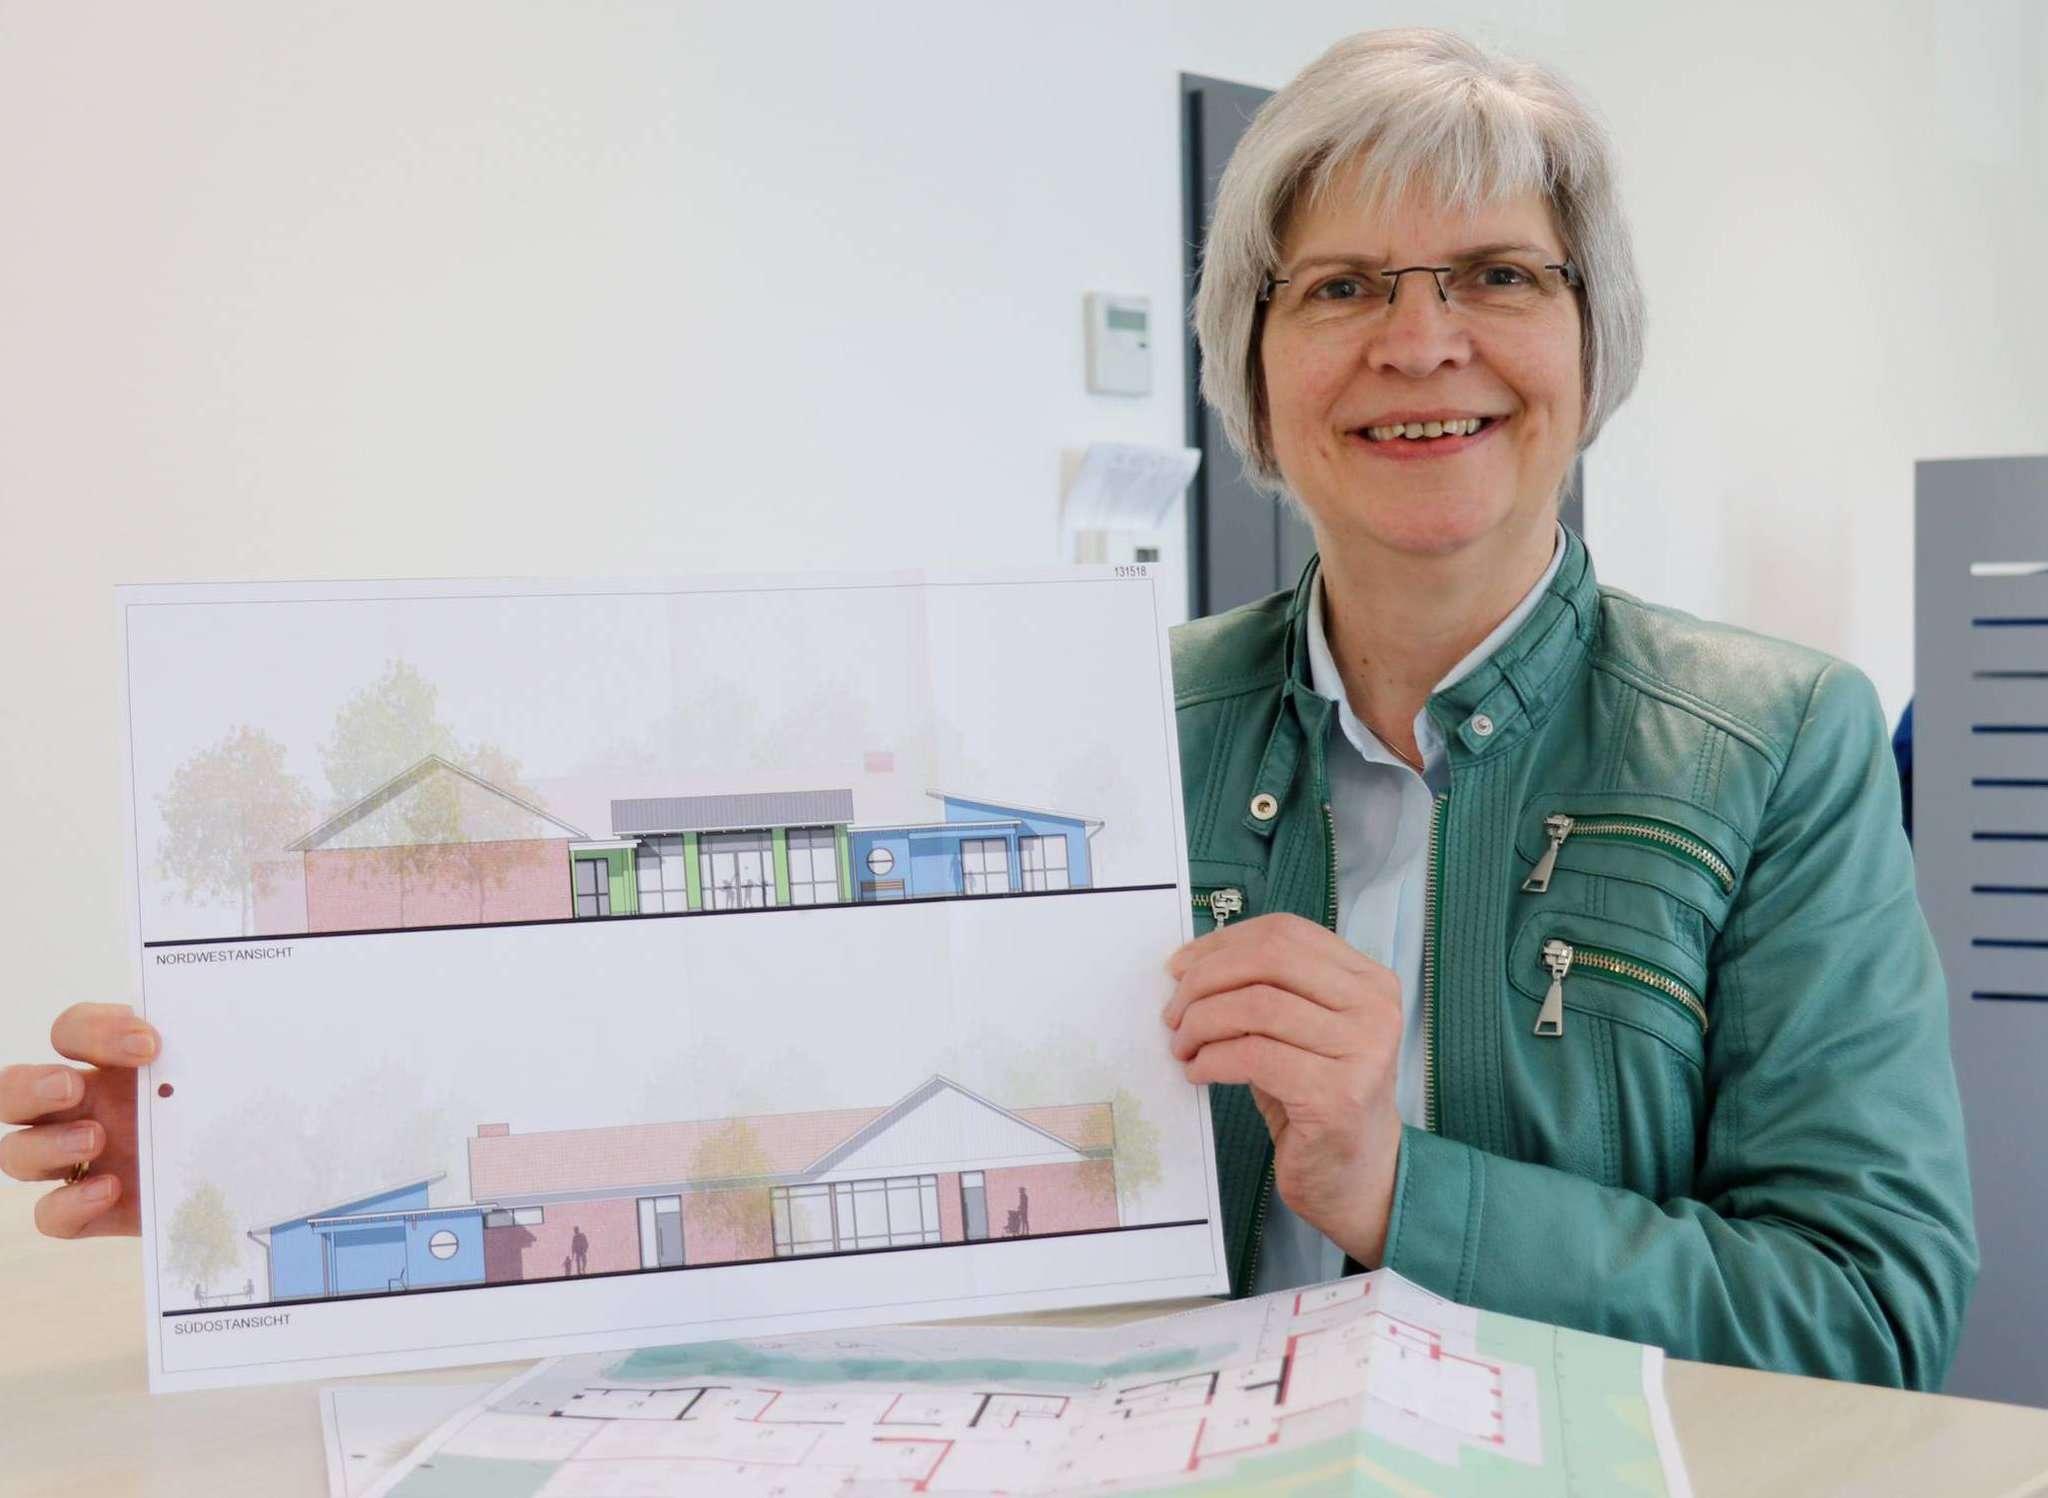 Ursula Hoppe mit den Entwürfen für die umgebaute Sparkasse: Das umgebauet Gebäude soll den Kindern auf 377 Quadratmeter Platz bieten. Foto: Nina Baucke